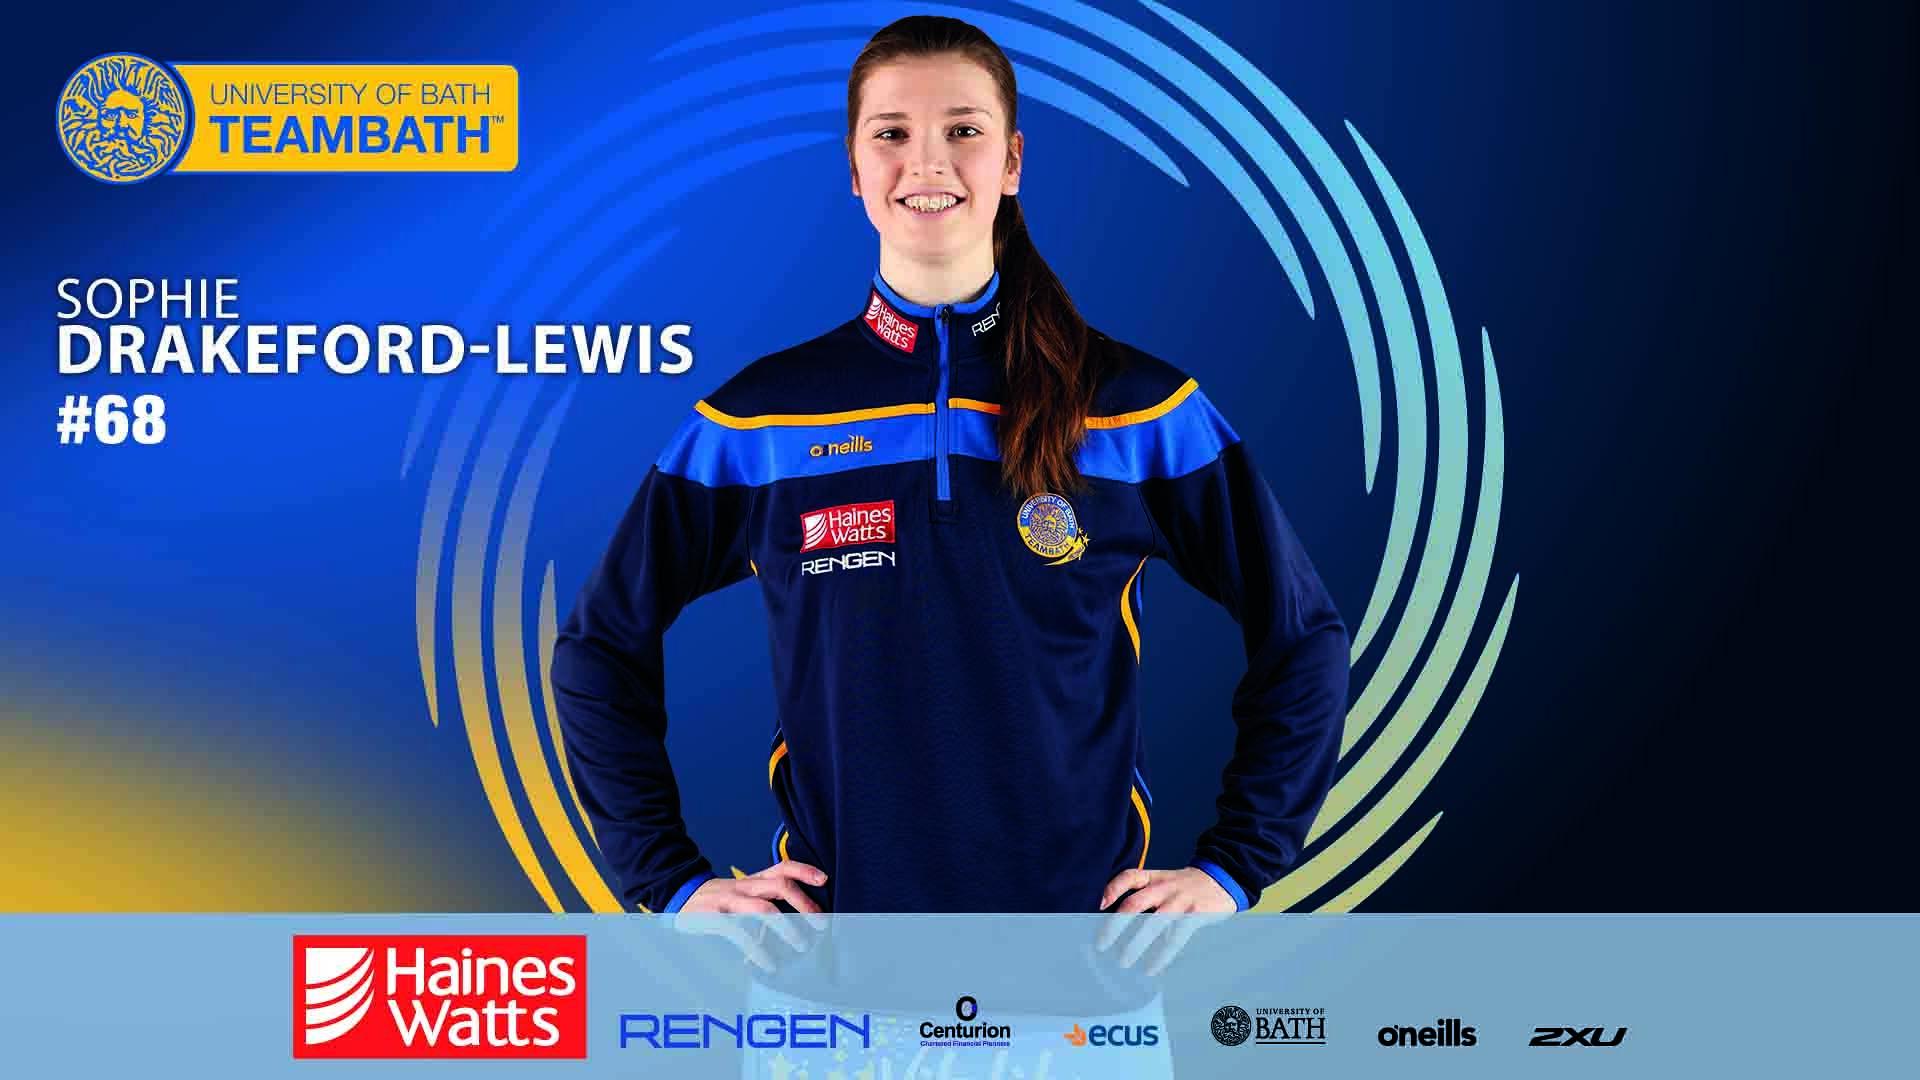 Sophie Drakeford-Lewis